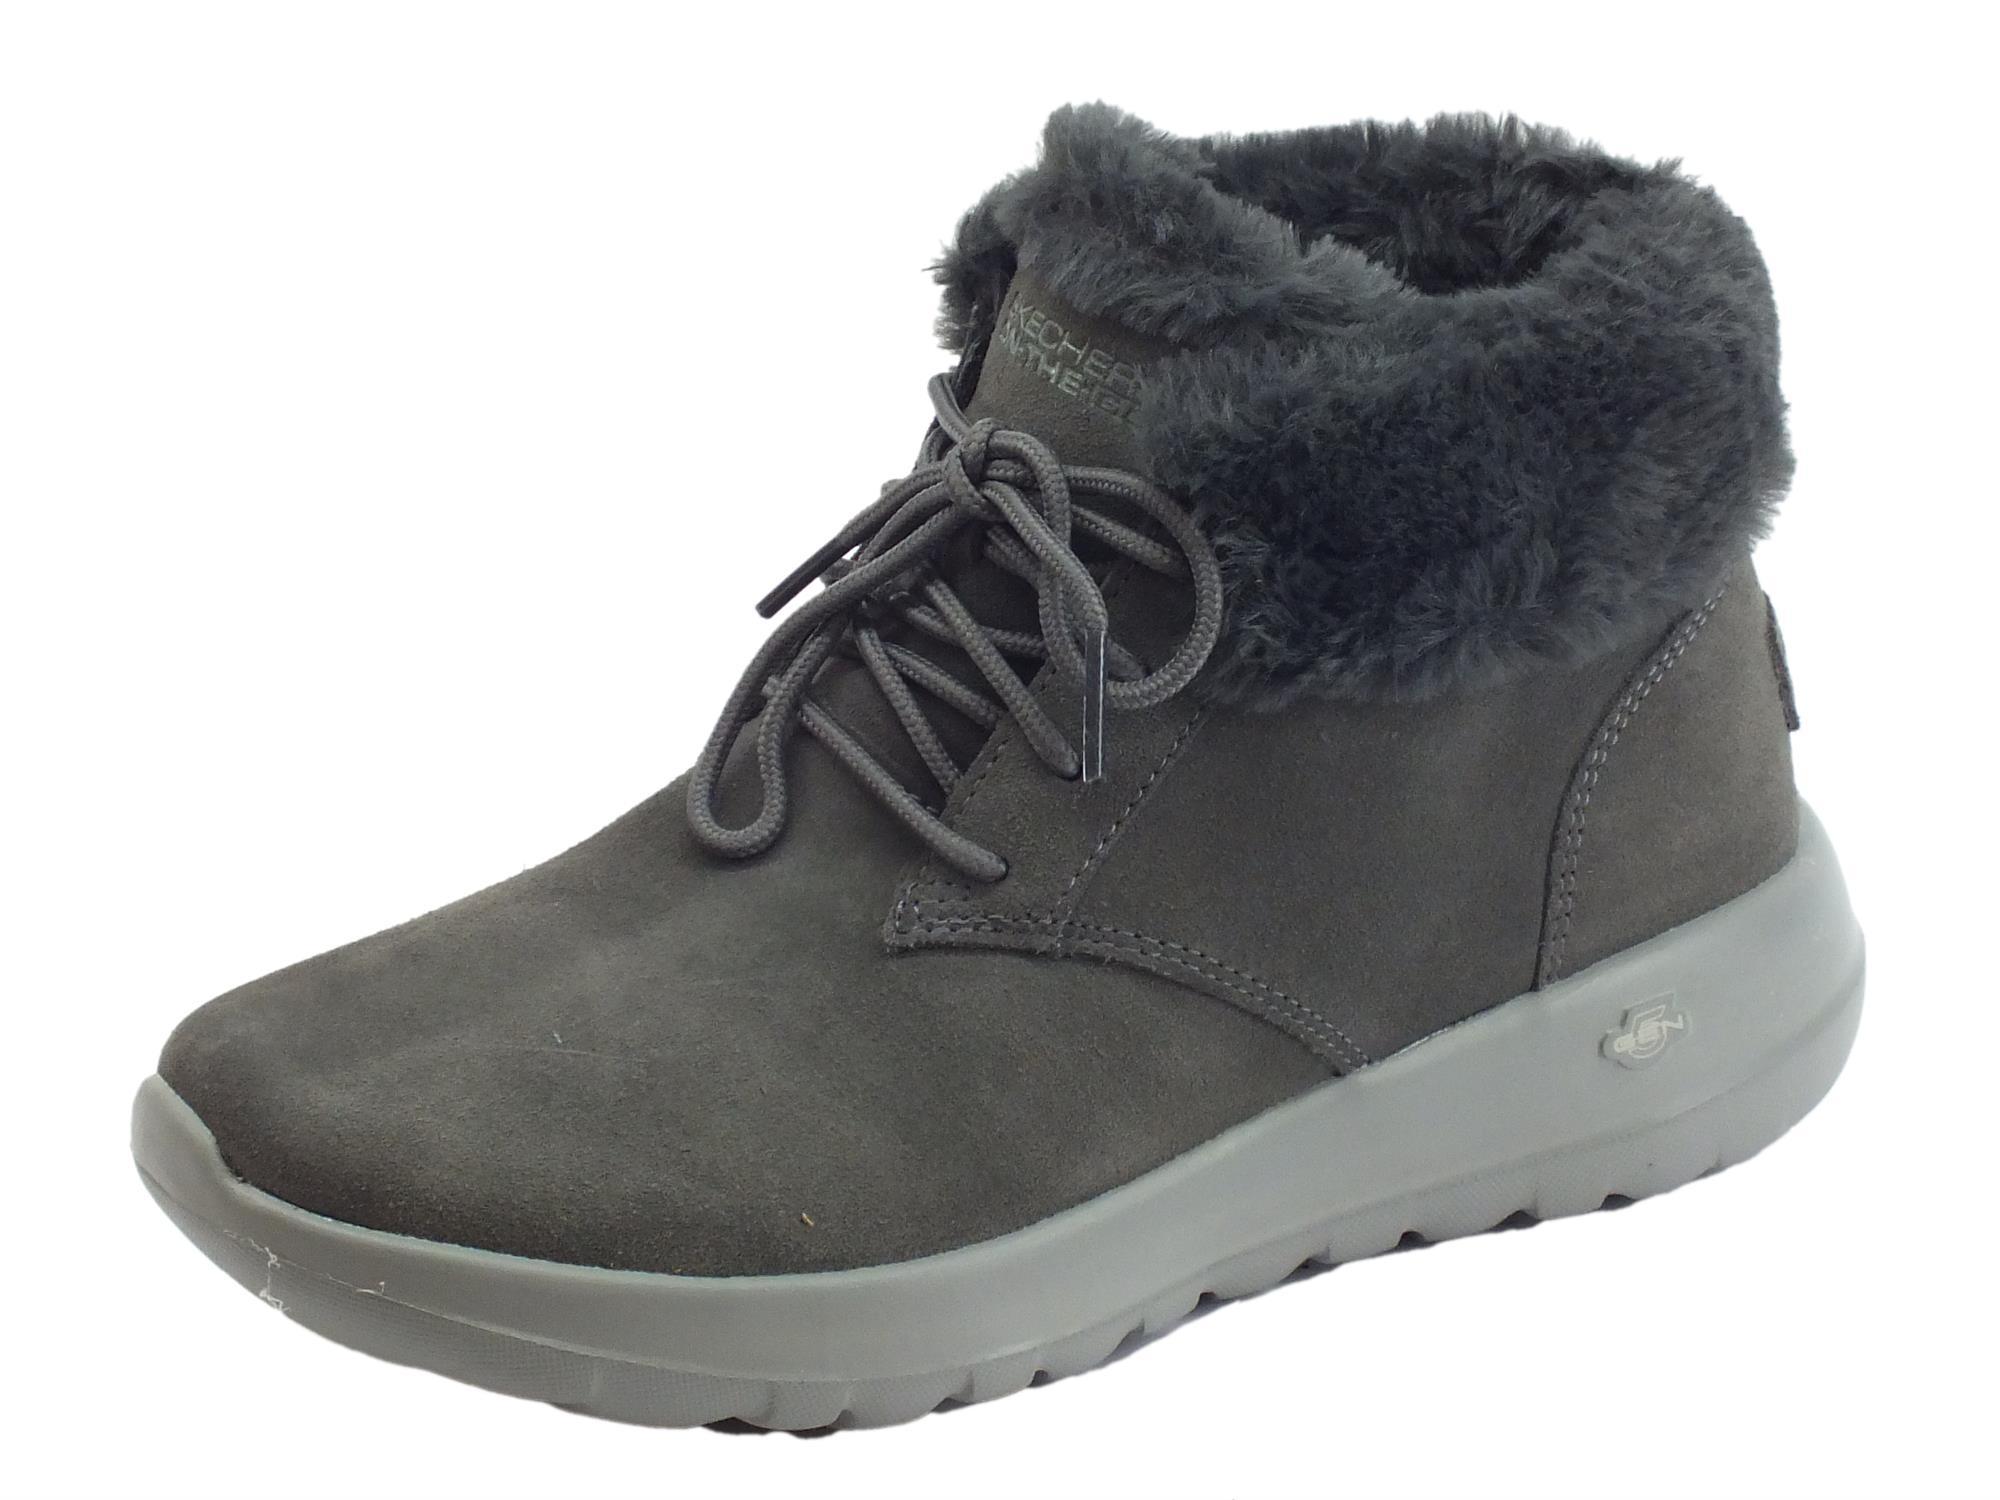 Scarpe Skechers On-The-Go in camoscio grigio con fodera in eco-pellicciotto  grigio f02a8f46efc